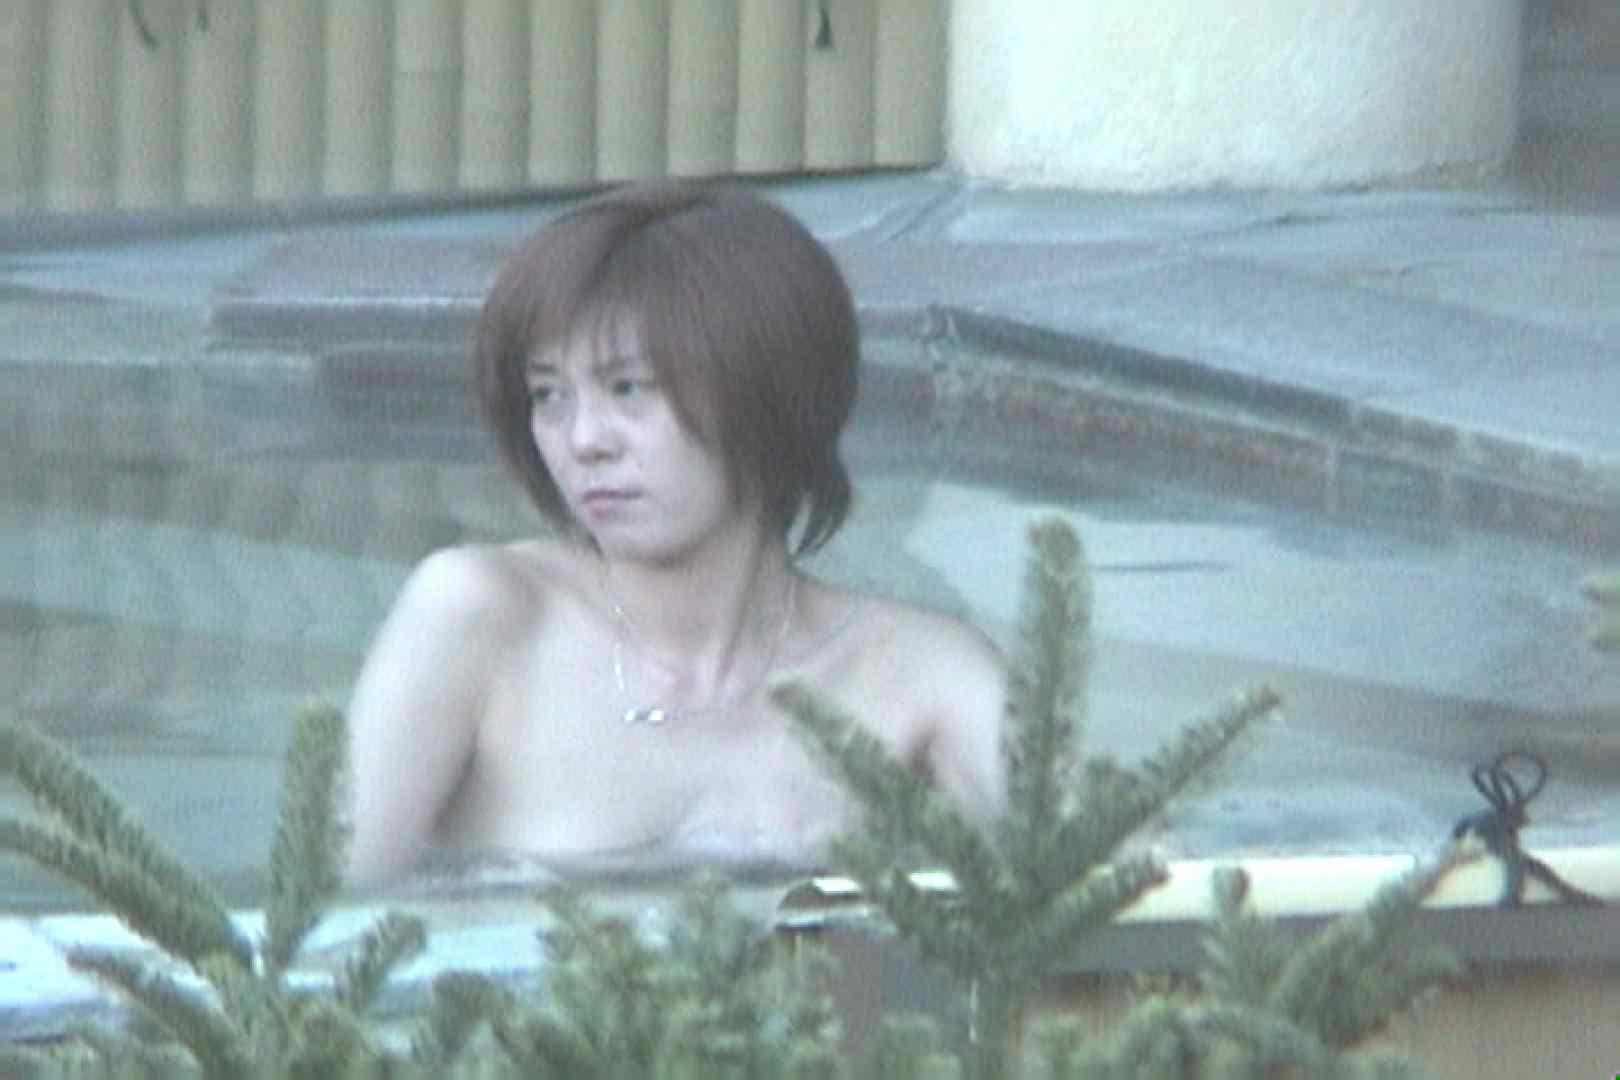 Aquaな露天風呂Vol.560 盗撮 | 露天風呂  46連発 31